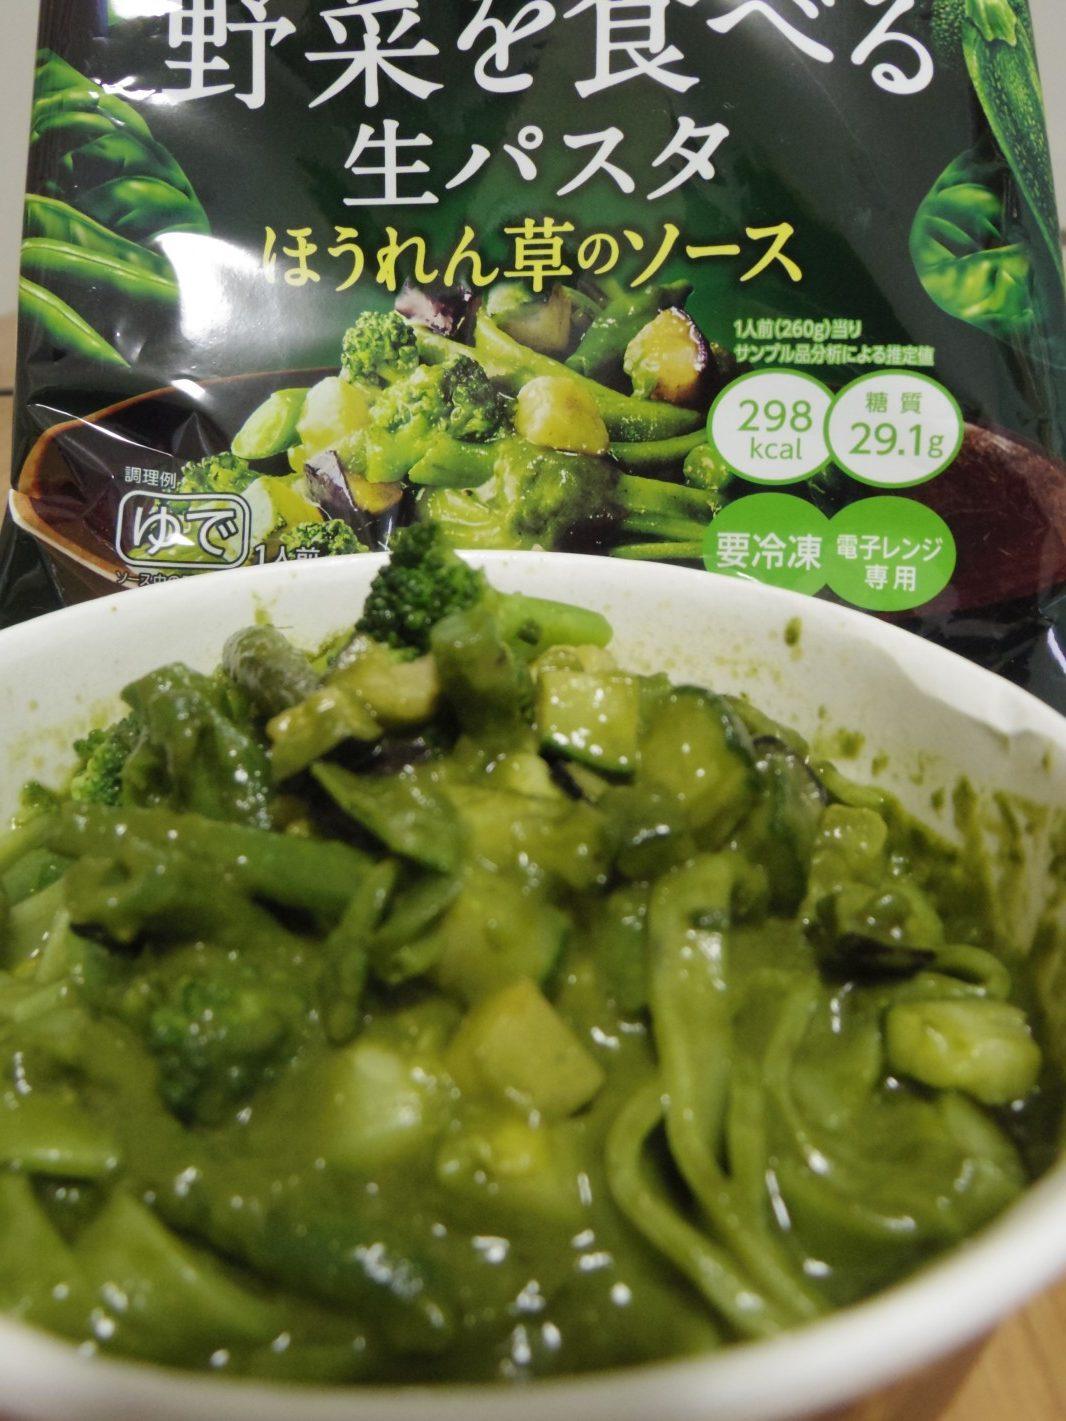 「野菜を食べる」 確かに、パスタとソースも含めてかつてない野菜感。紙トレー入り商品です